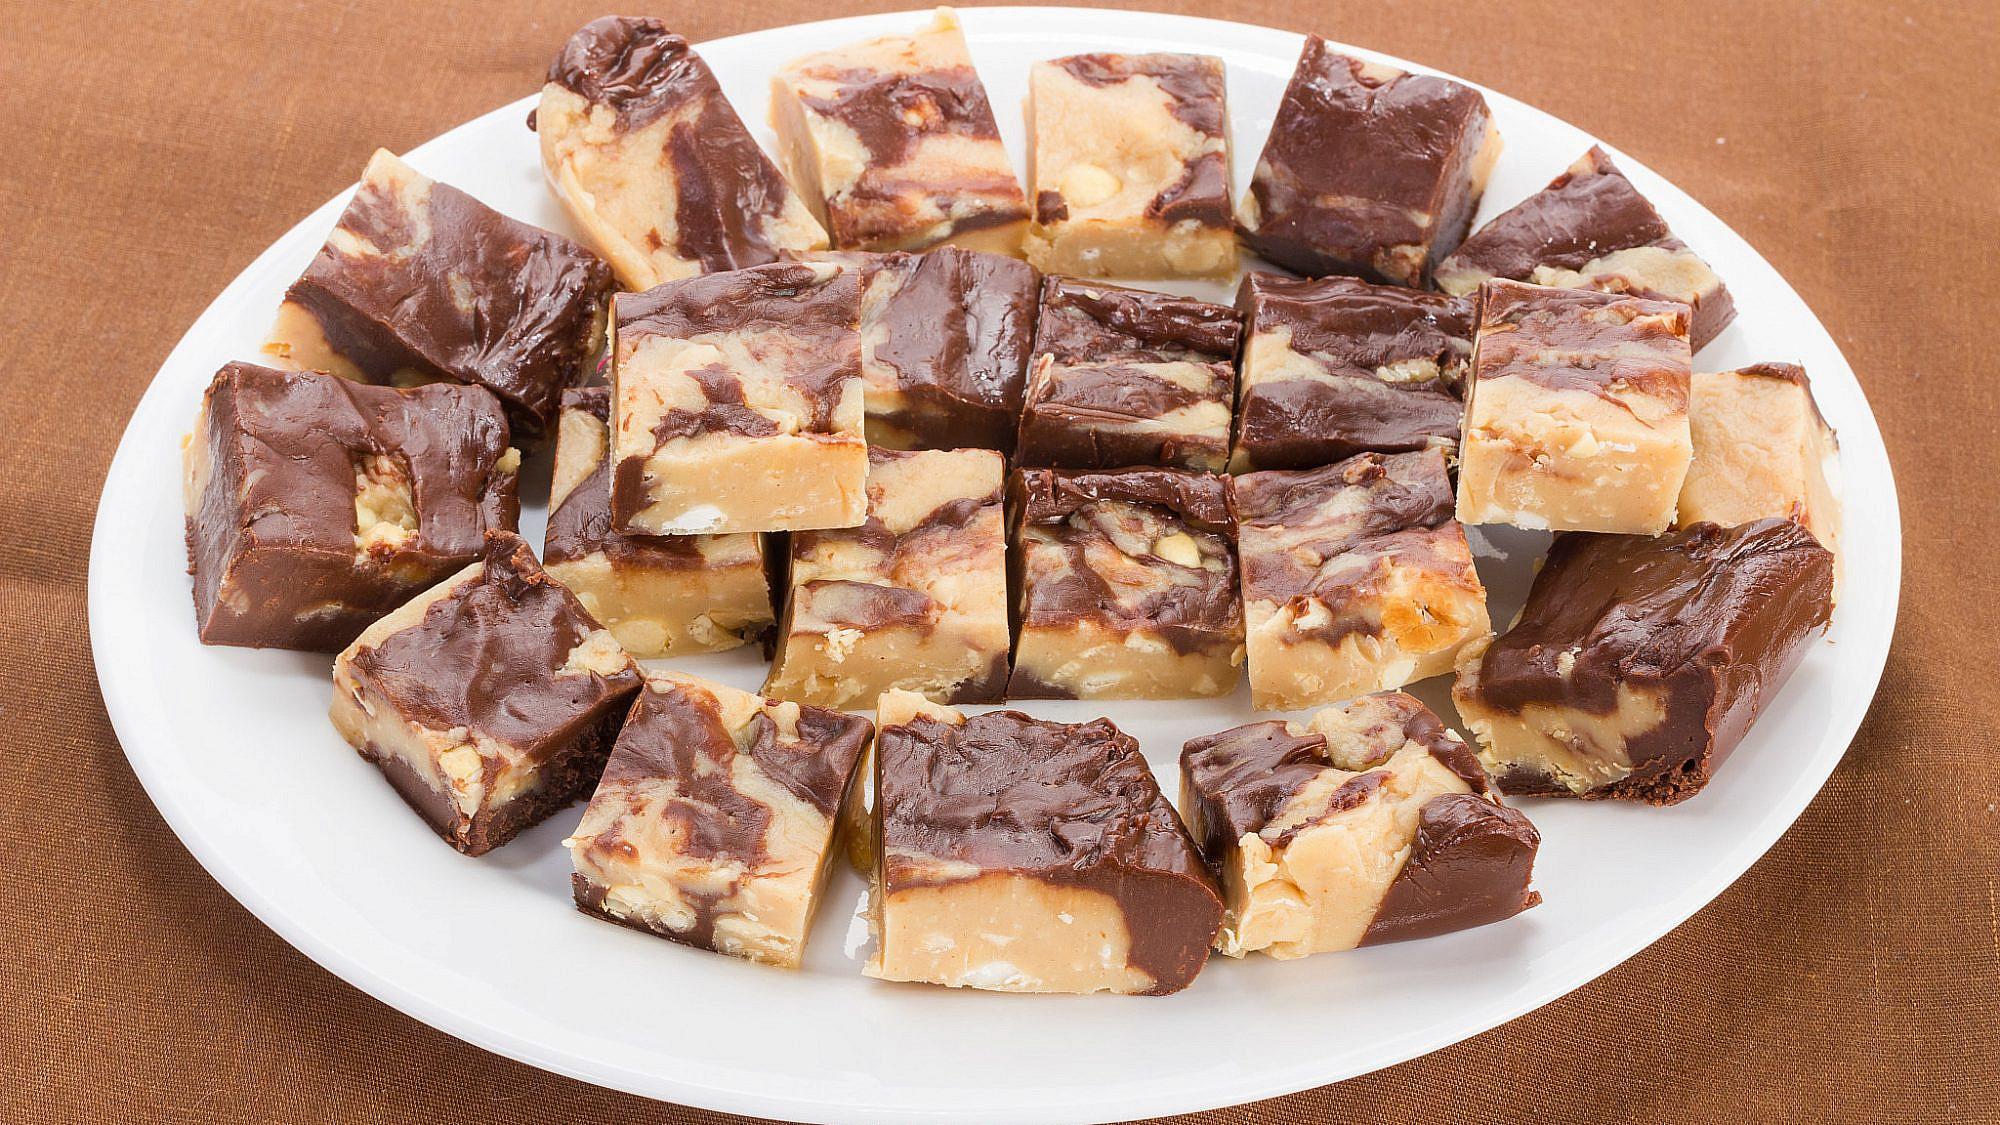 חיתוכיות שוקולד וחמאת בוטנים. צילום: shutterstock